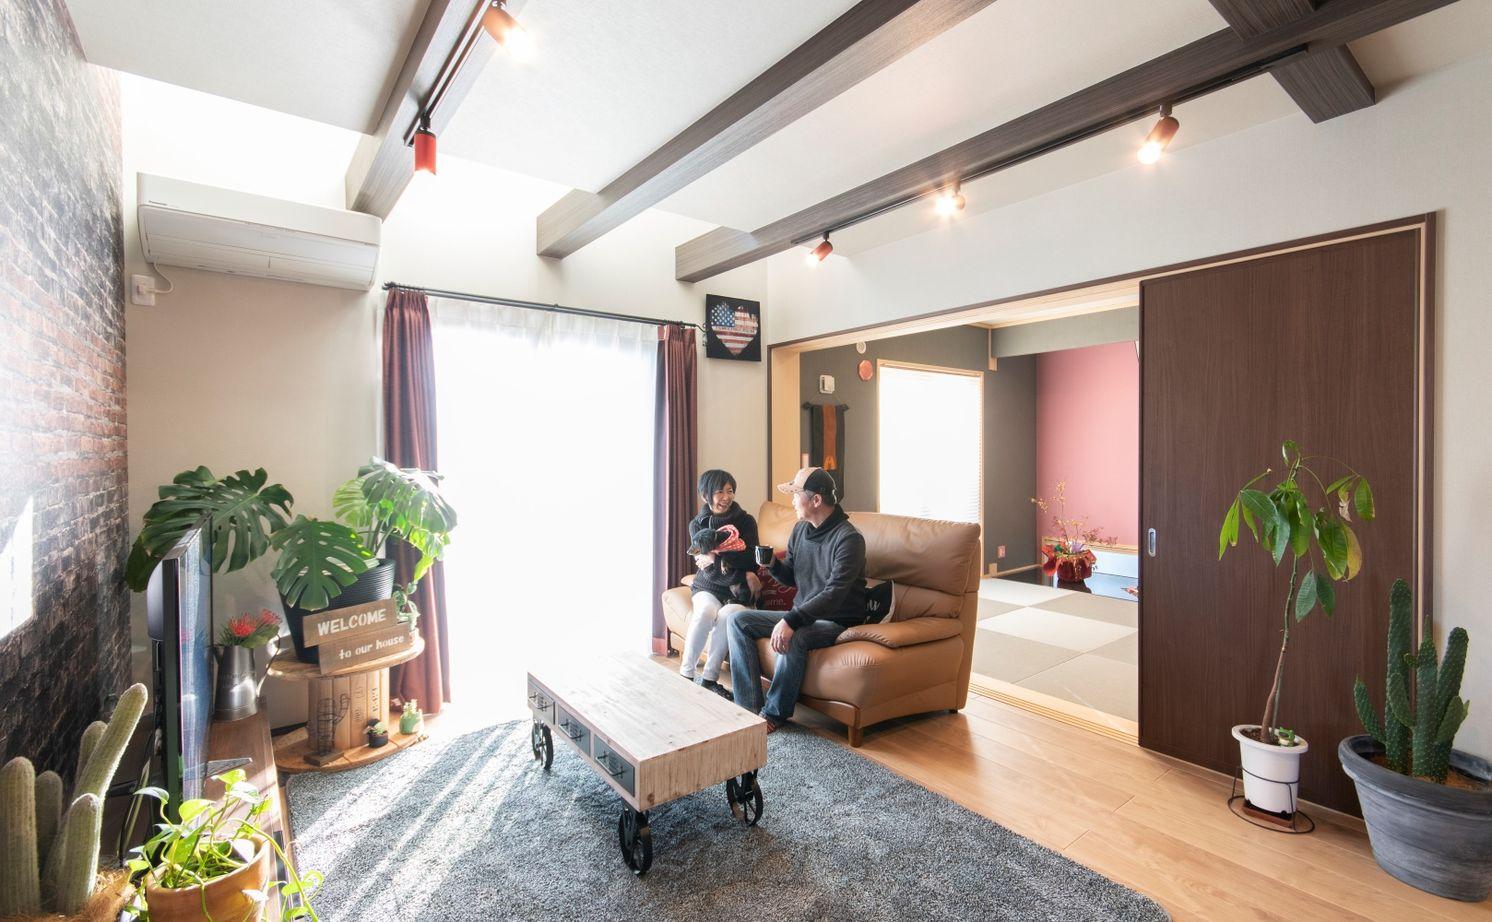 【2000万円台/139.53平米/間取り図あり】遊び心あるワクワク空間を実現 価格やサービスにも満足な快適な家画像2